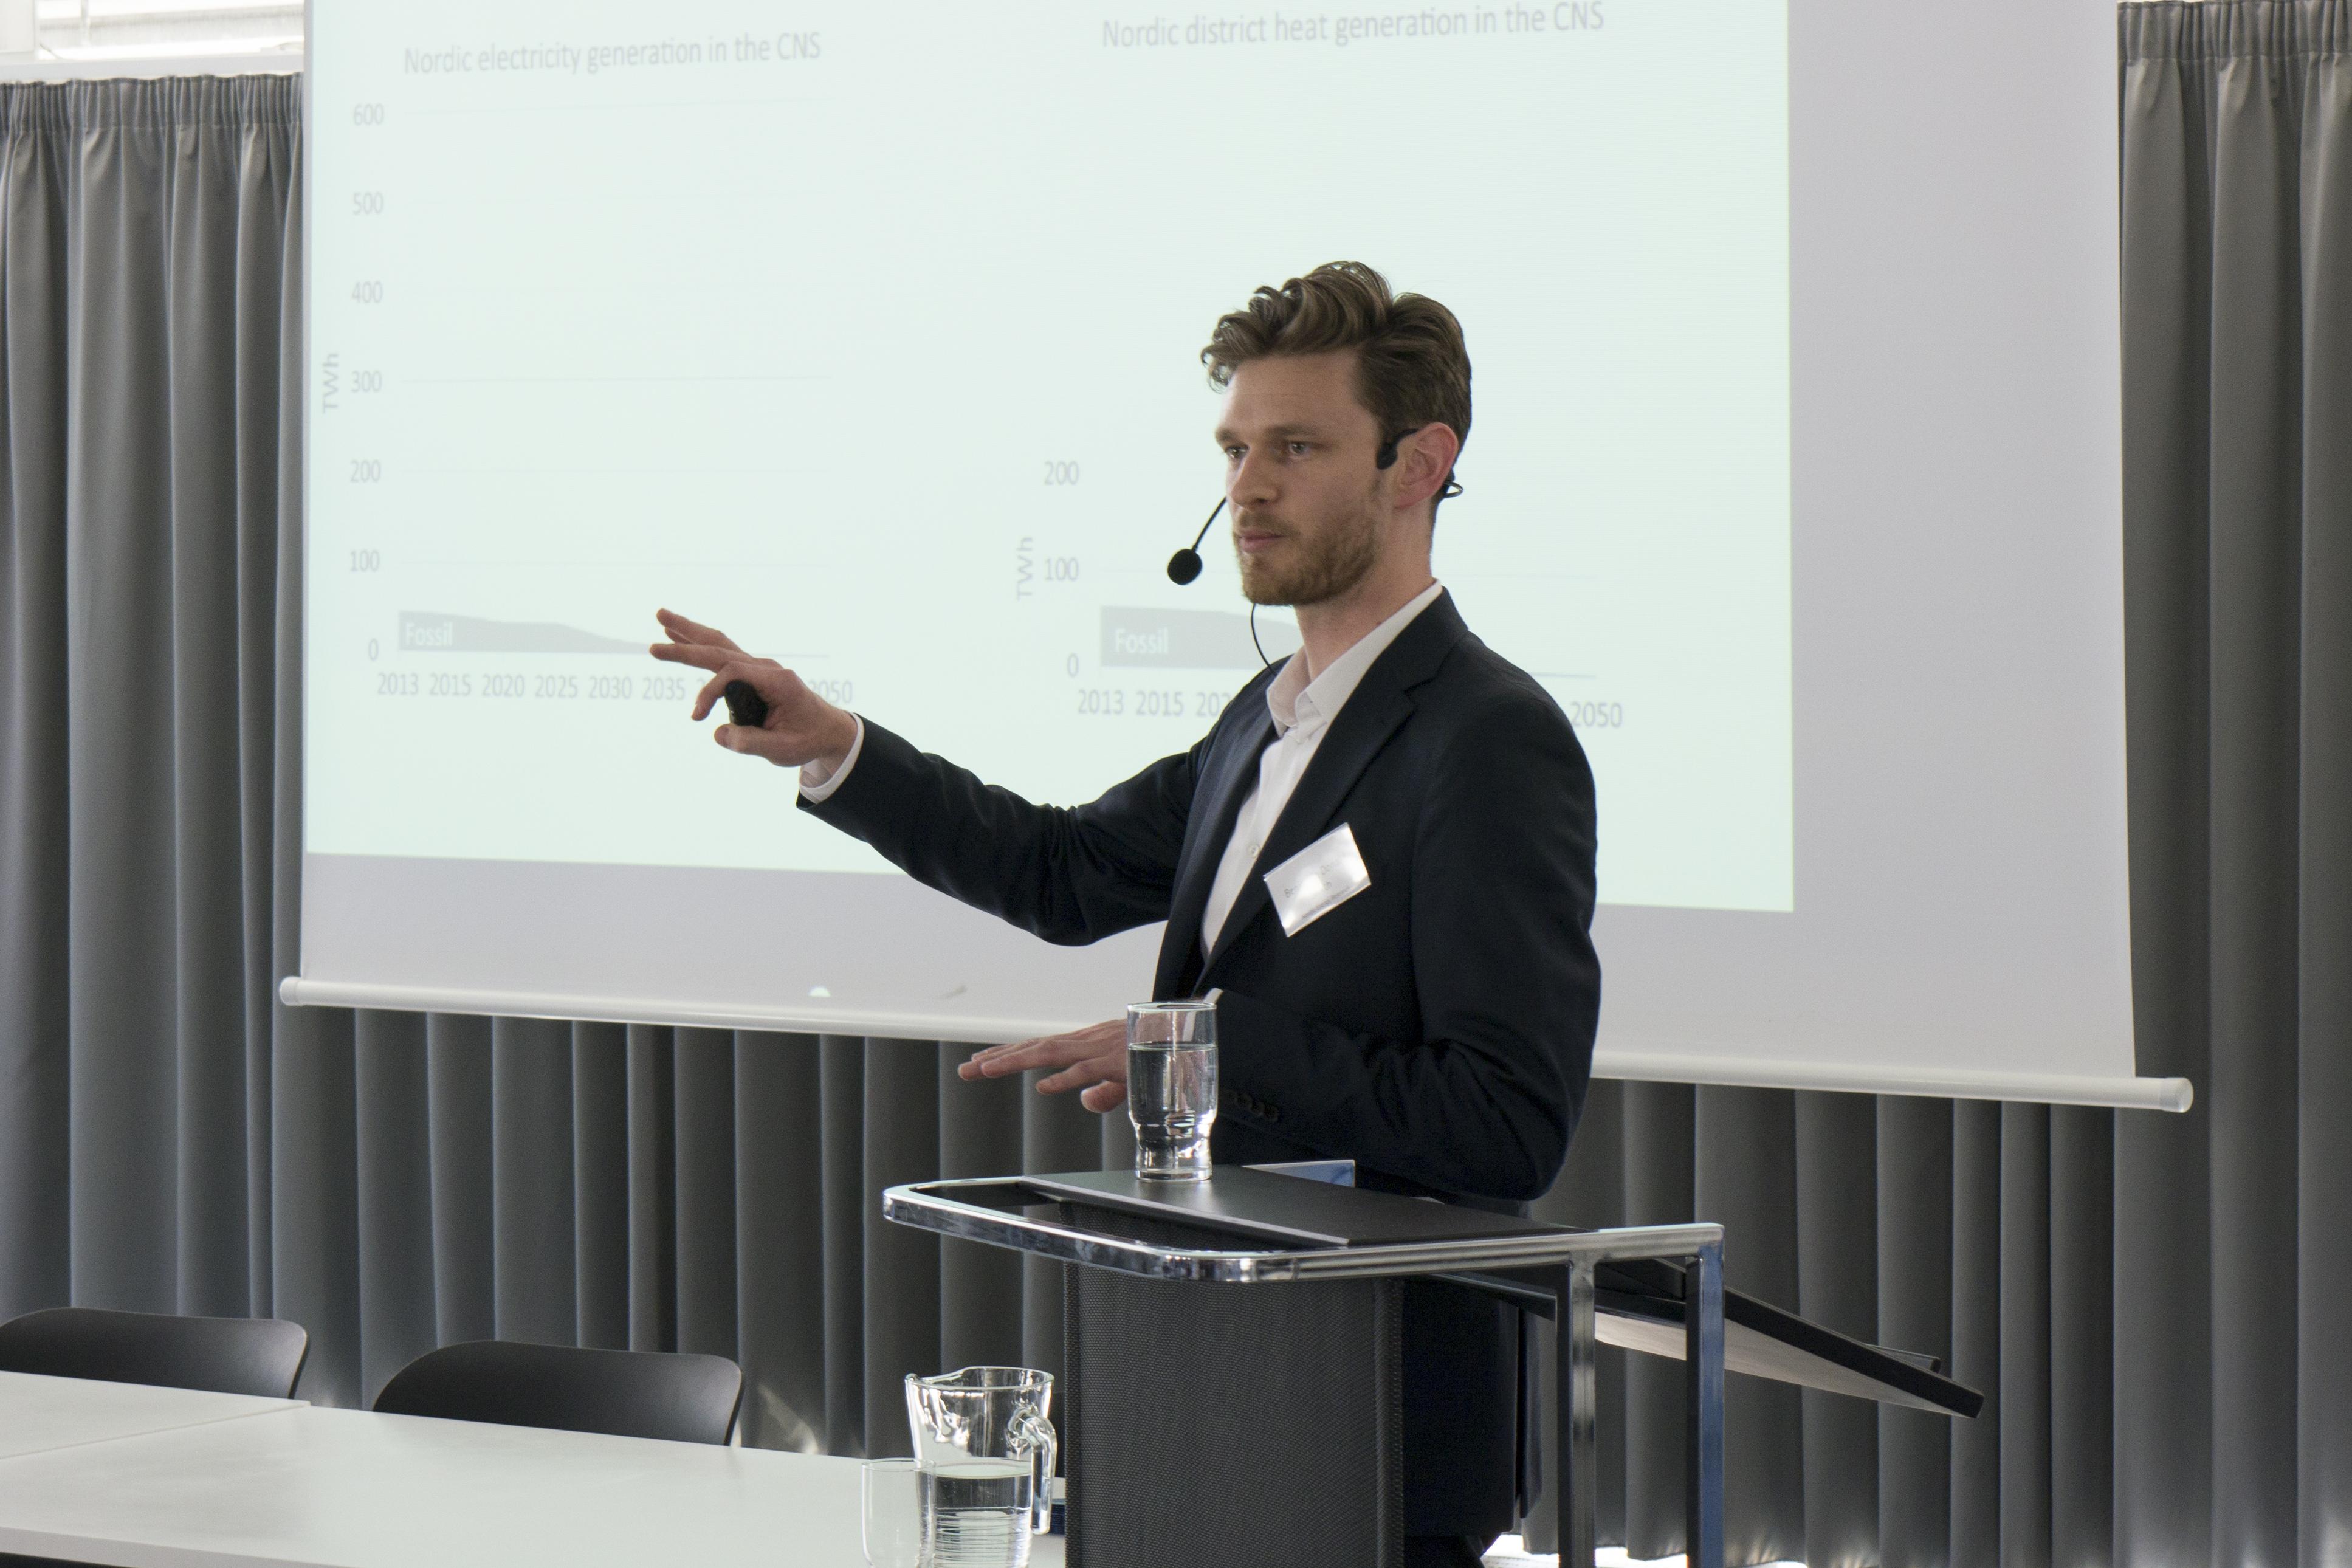 Benjamin Smith, (Nordic Energy Research), Copenhagen 10th of June 2016.